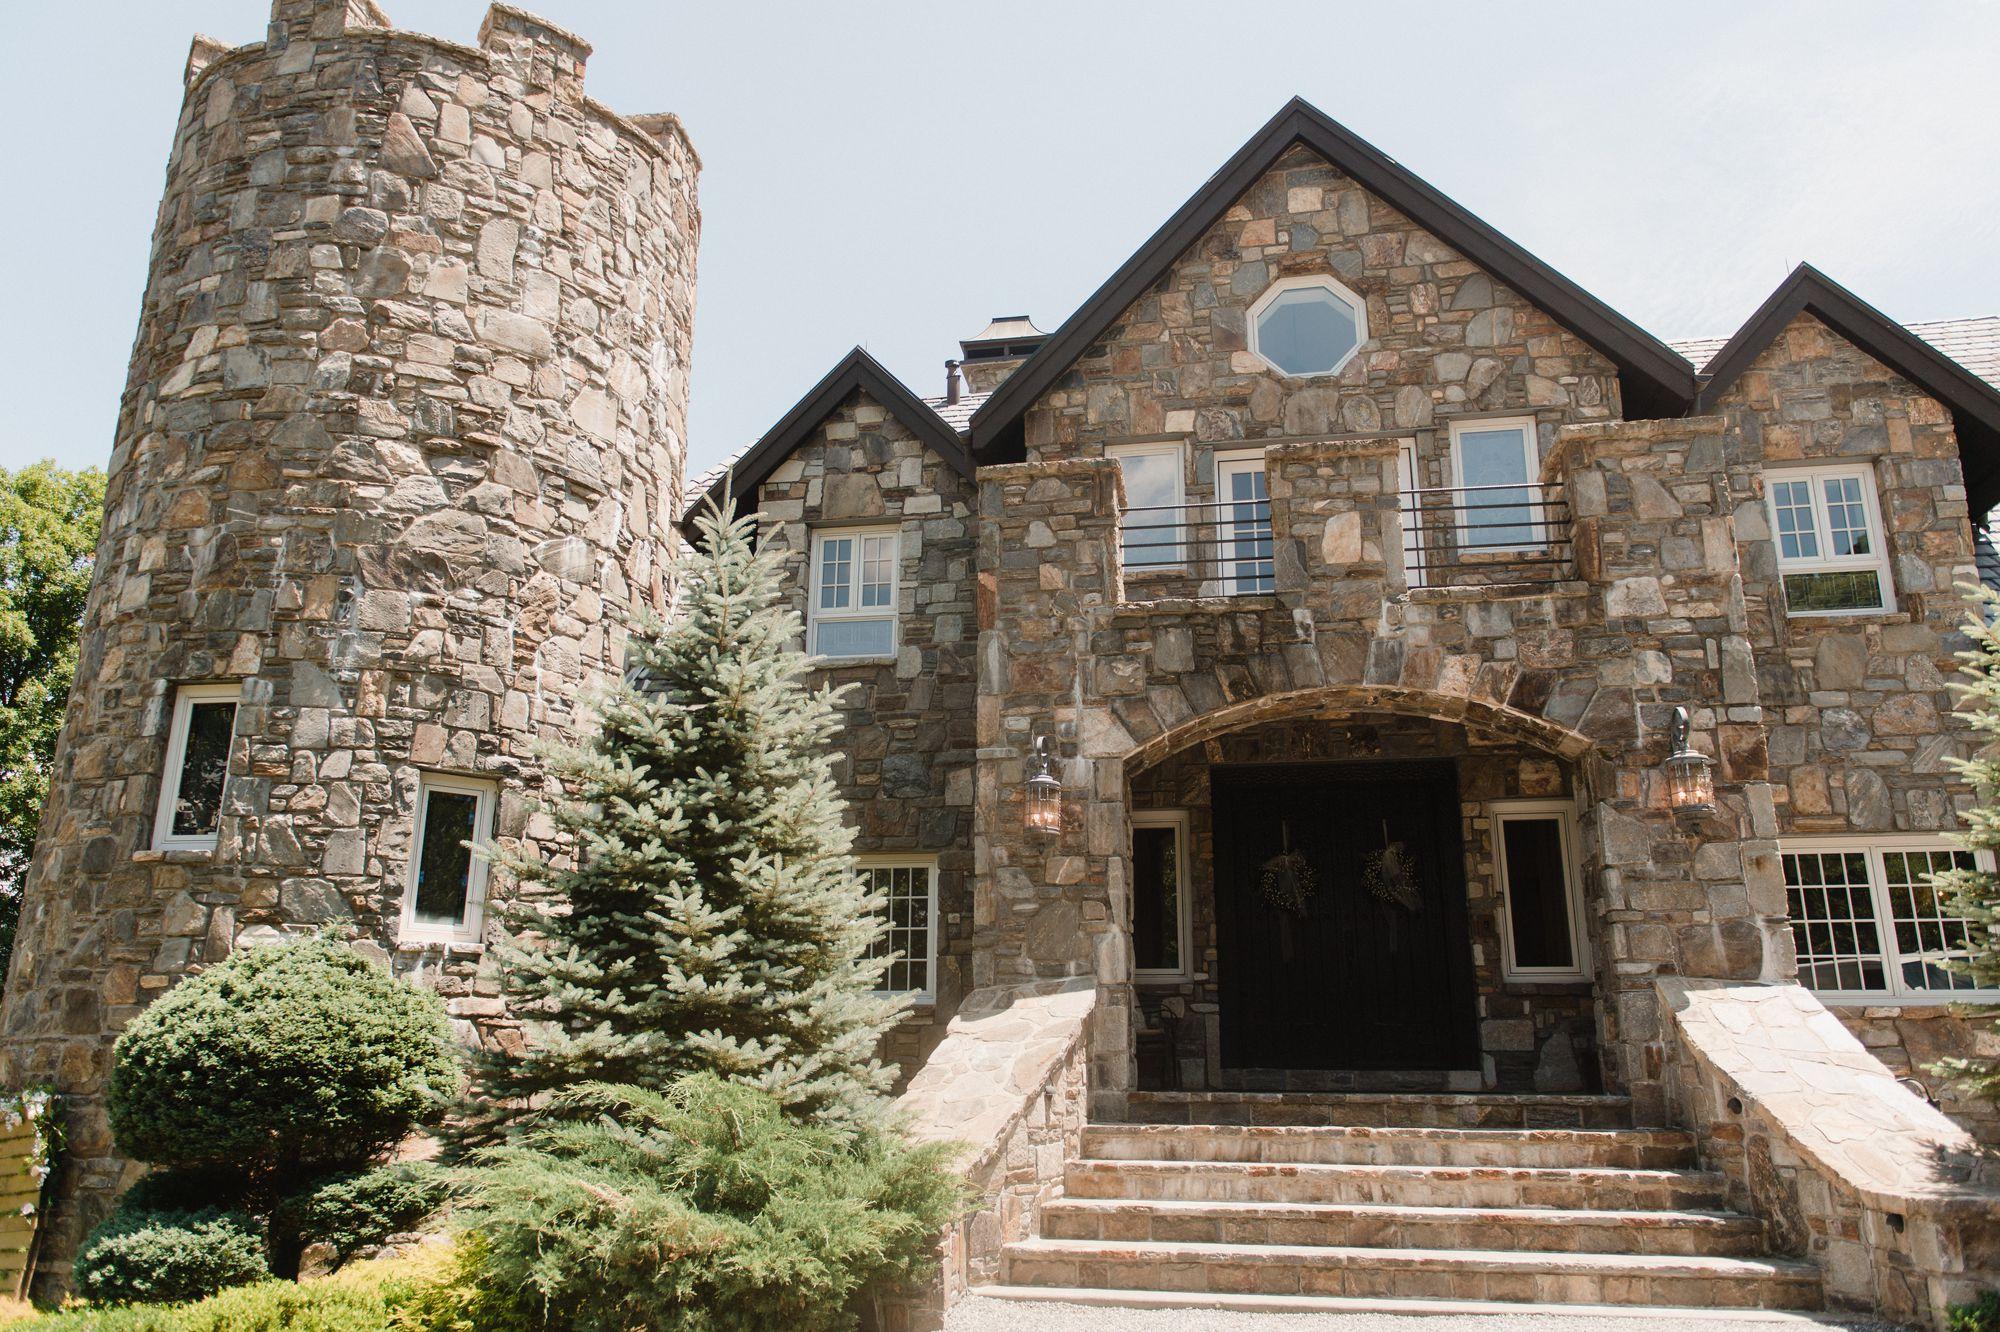 castle-ladyhawke-destination-wedding 2